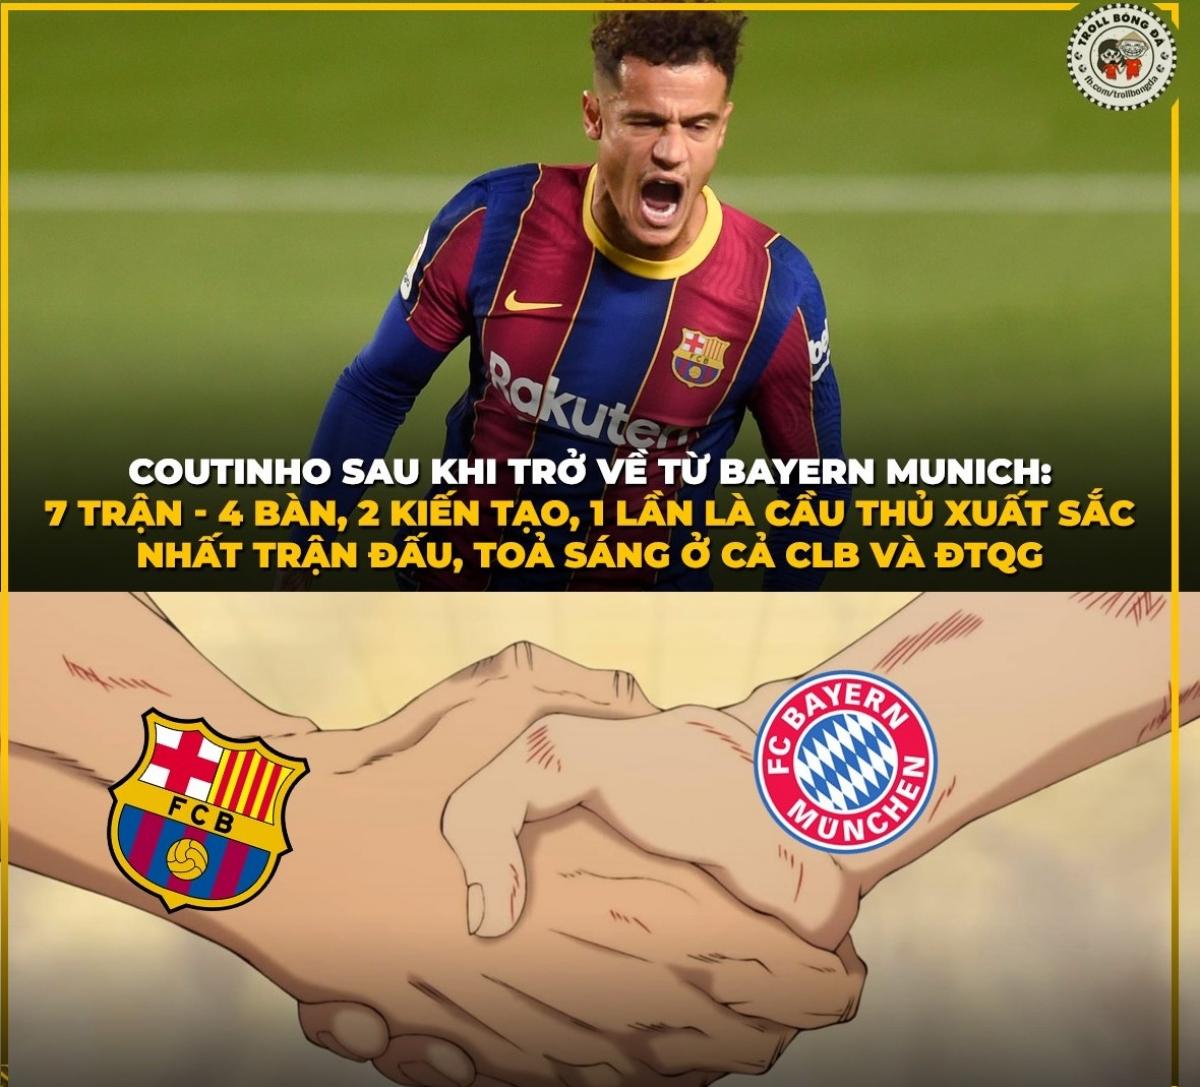 Coutinho là chính mình khi trở lại Barca sau thời gian khoác áo Bayern theo dạng cho mượn. (Ảnh: Troll bóng đá).